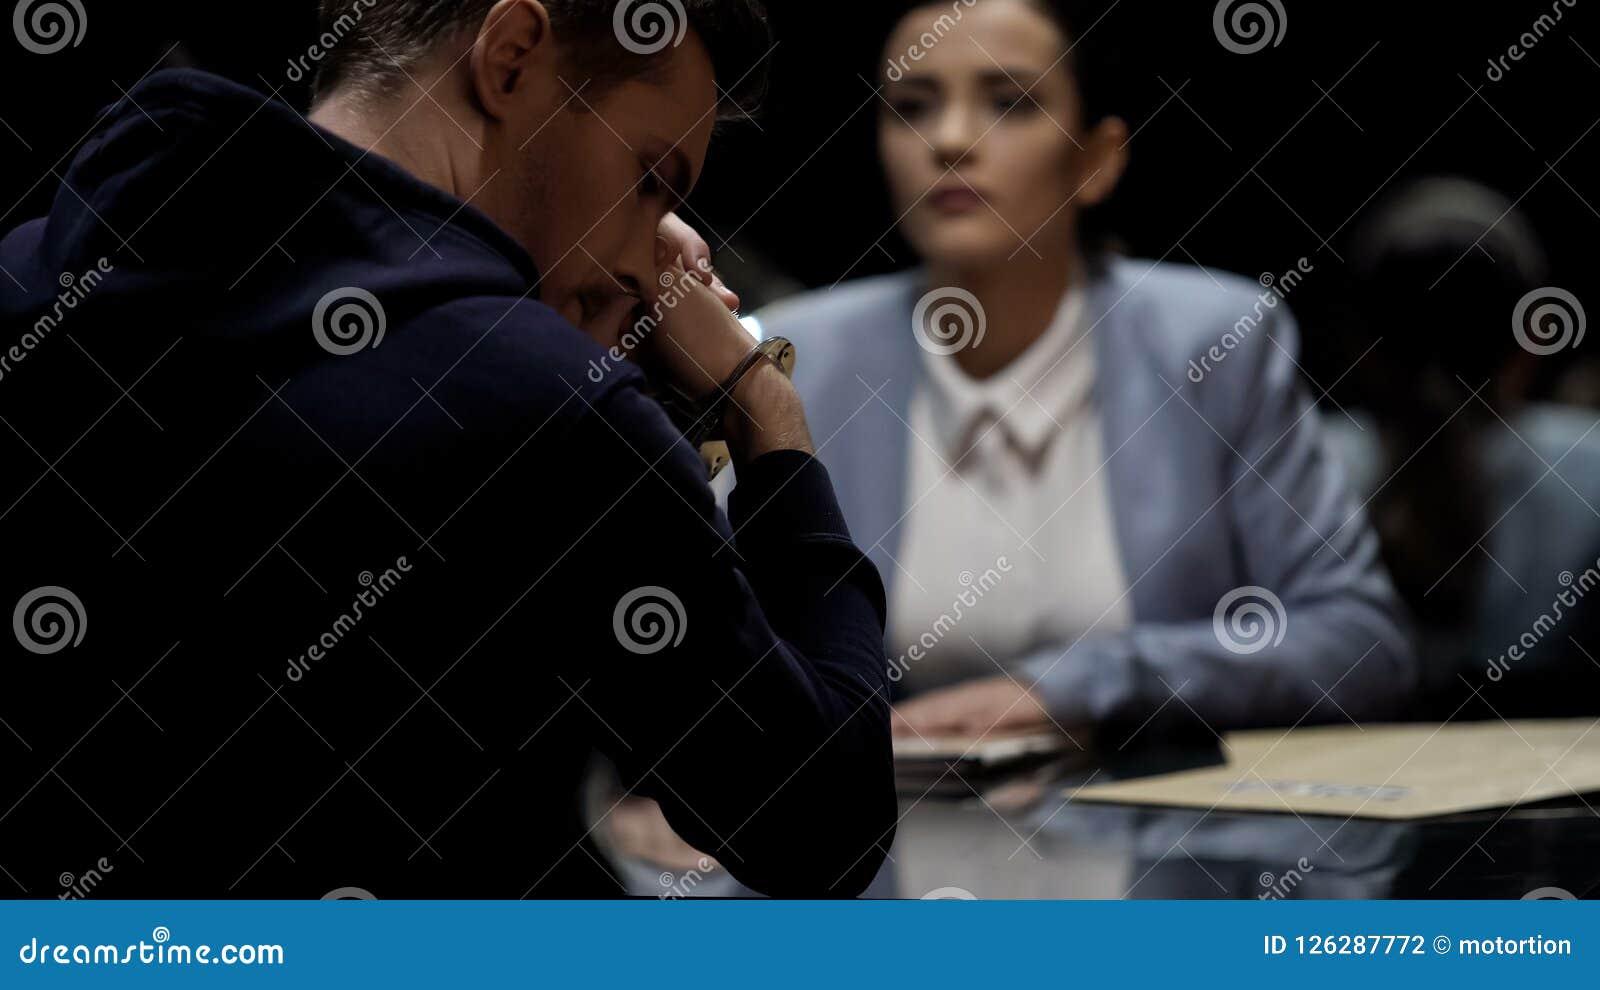 O agente da autoridade que interroga o suspeito de assassinato, homem prendido sente culpado